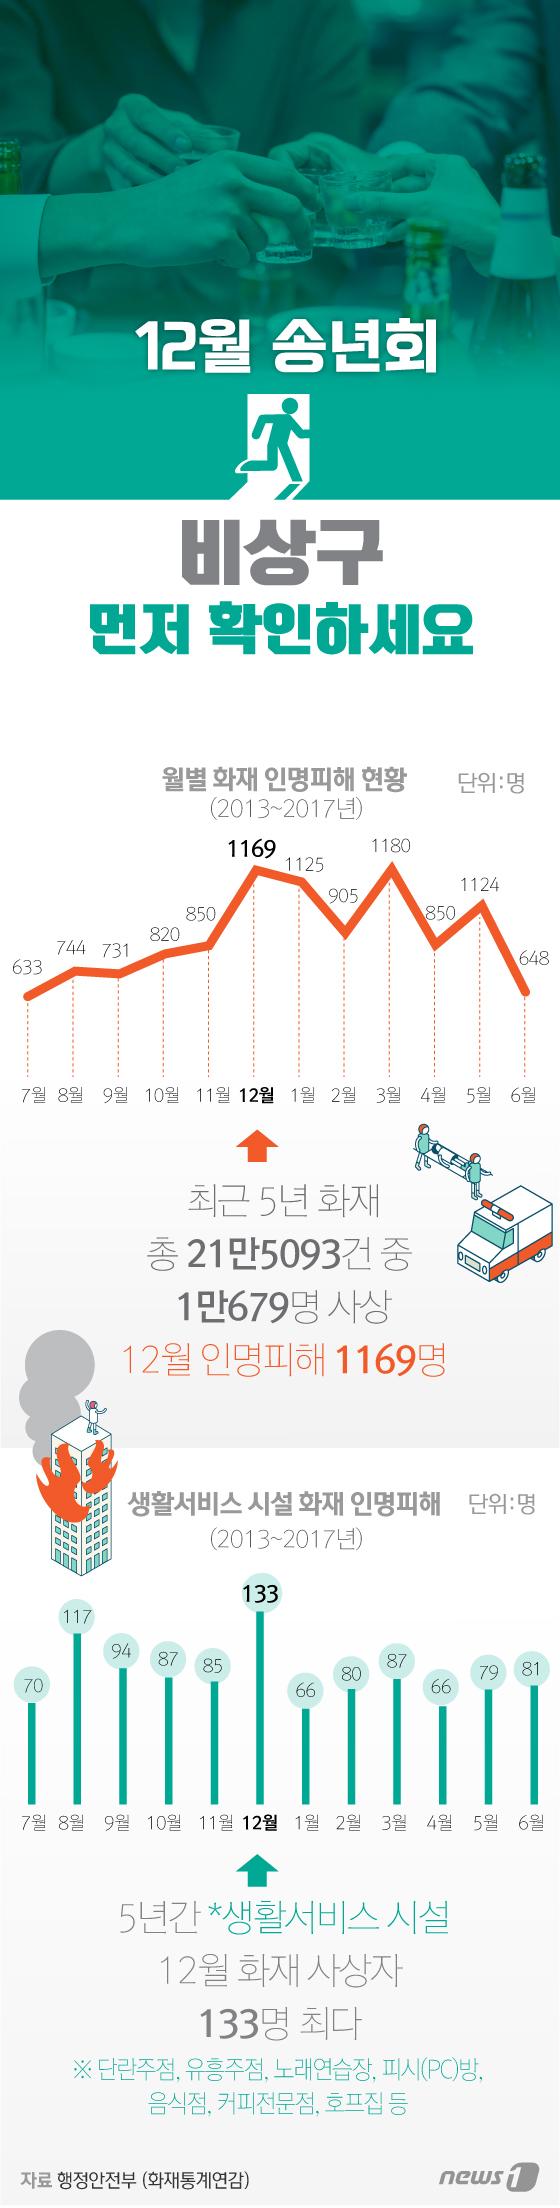 [그래픽뉴스] 12월 송년회 비상구 먼저 확인하세요